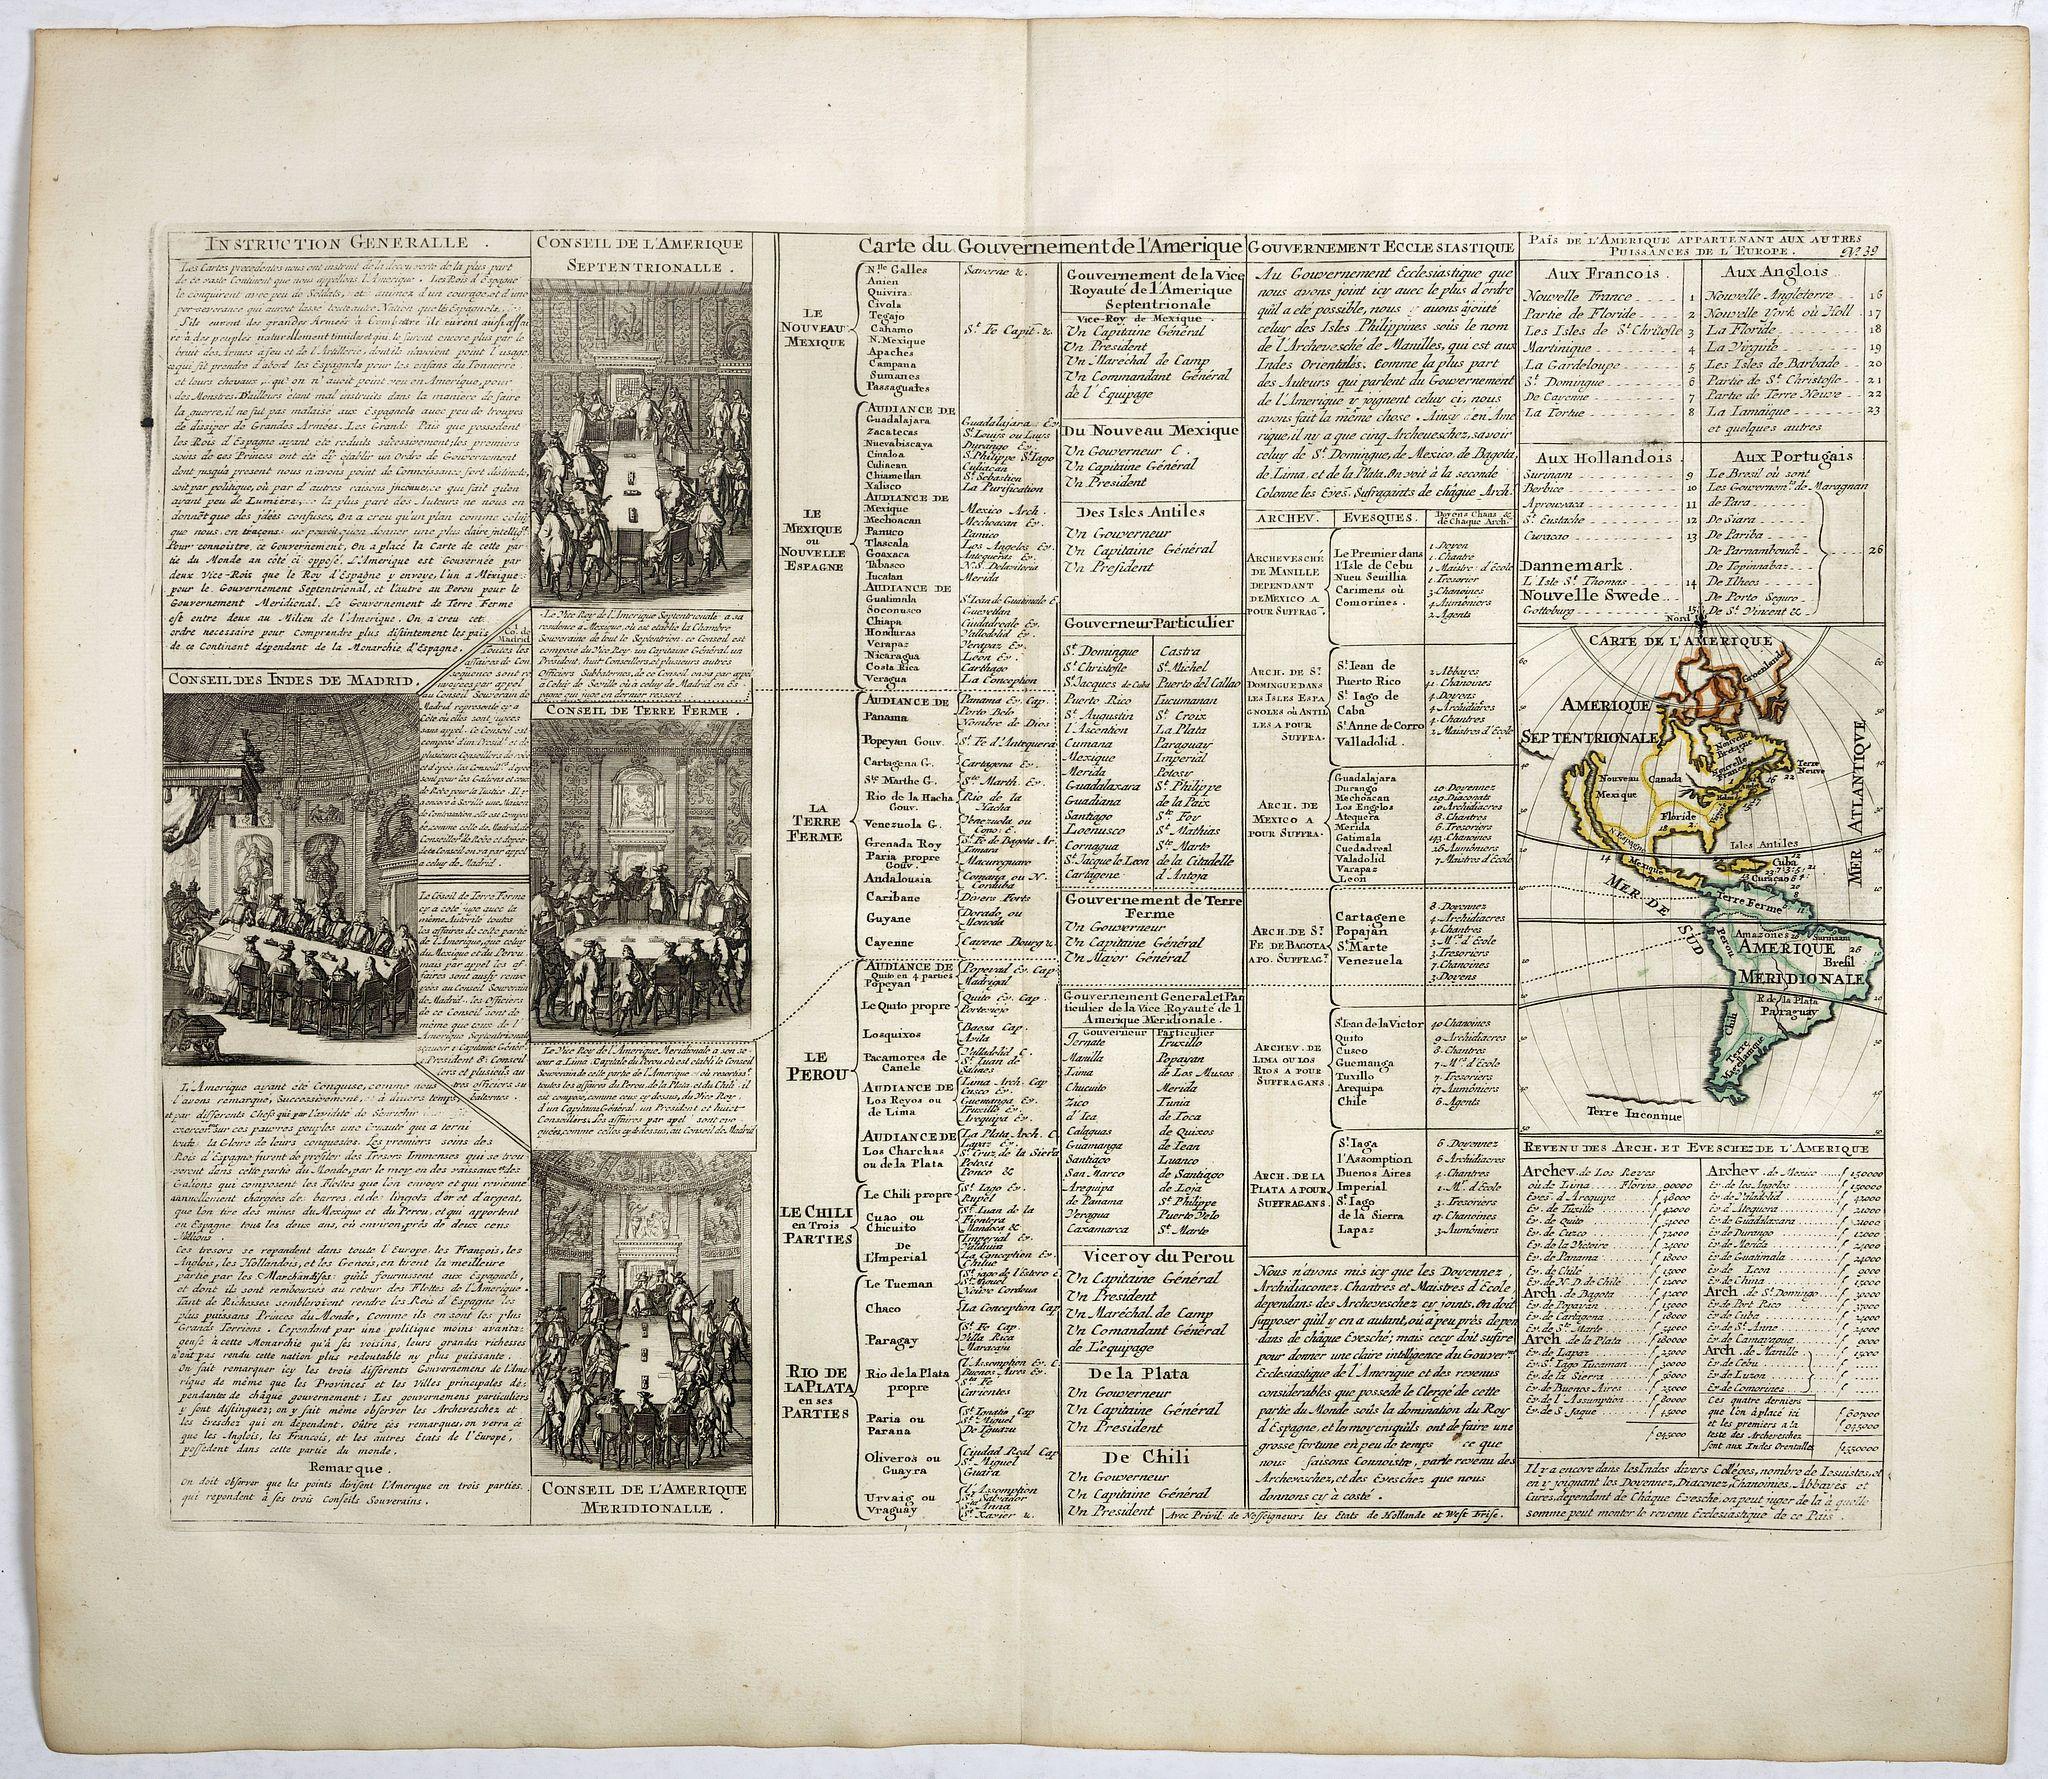 CHATELAIN, H. -  Carte du gouvernement de l'Amerique.